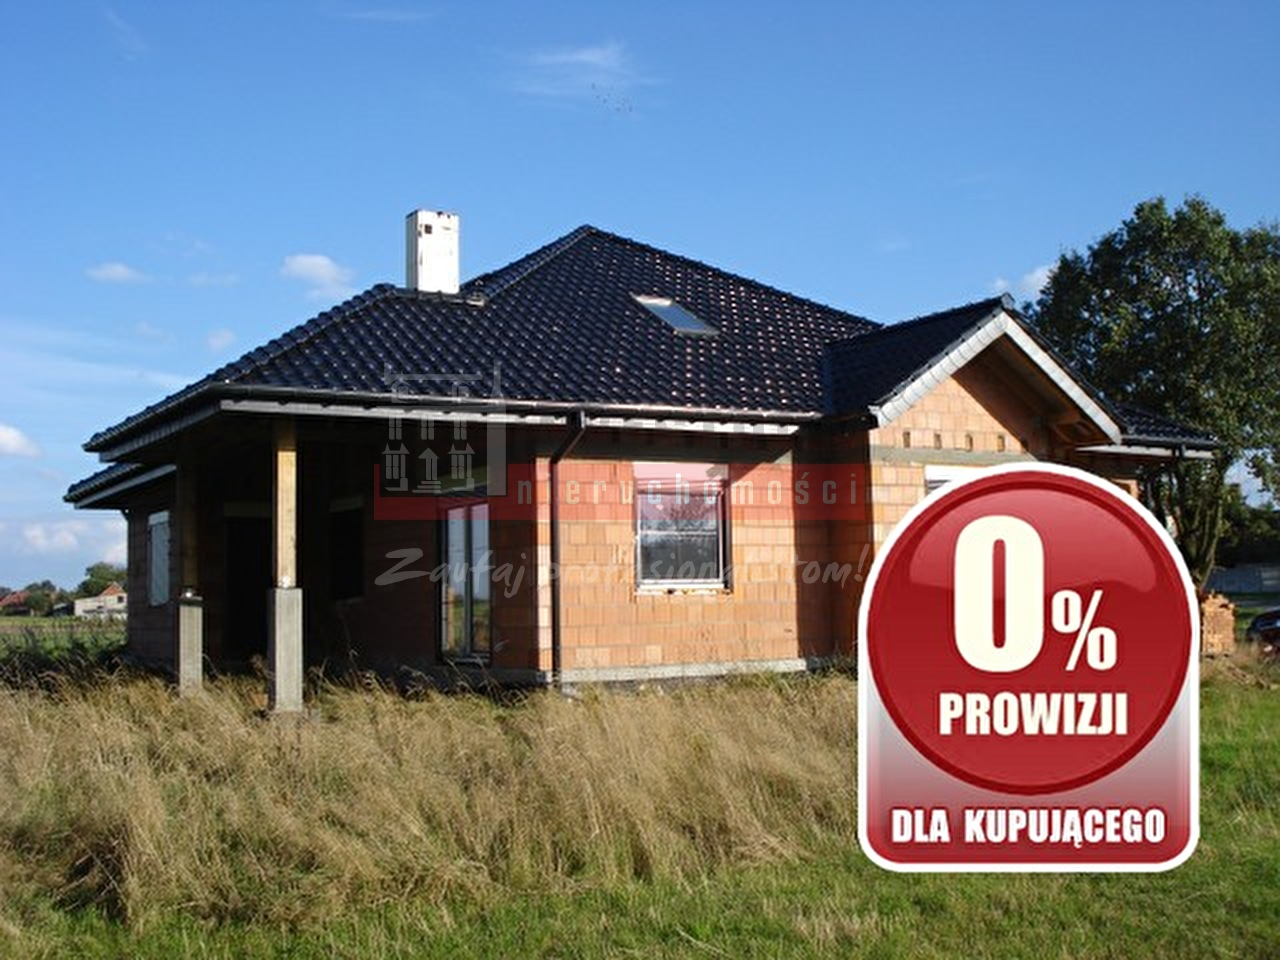 haus zu verkaufen borkowice kluczbork 4 zimmer 119m2 234000z investdom nieruchomo ci. Black Bedroom Furniture Sets. Home Design Ideas